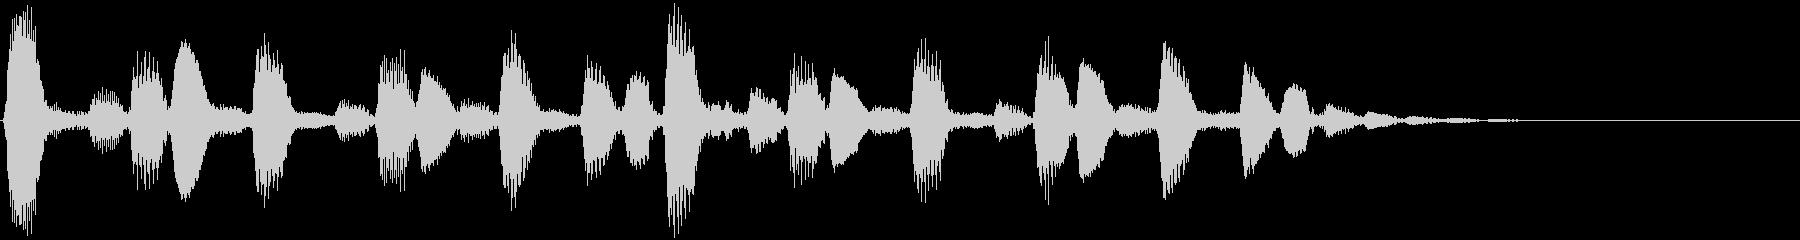 ファンシーなシンセジングルの未再生の波形